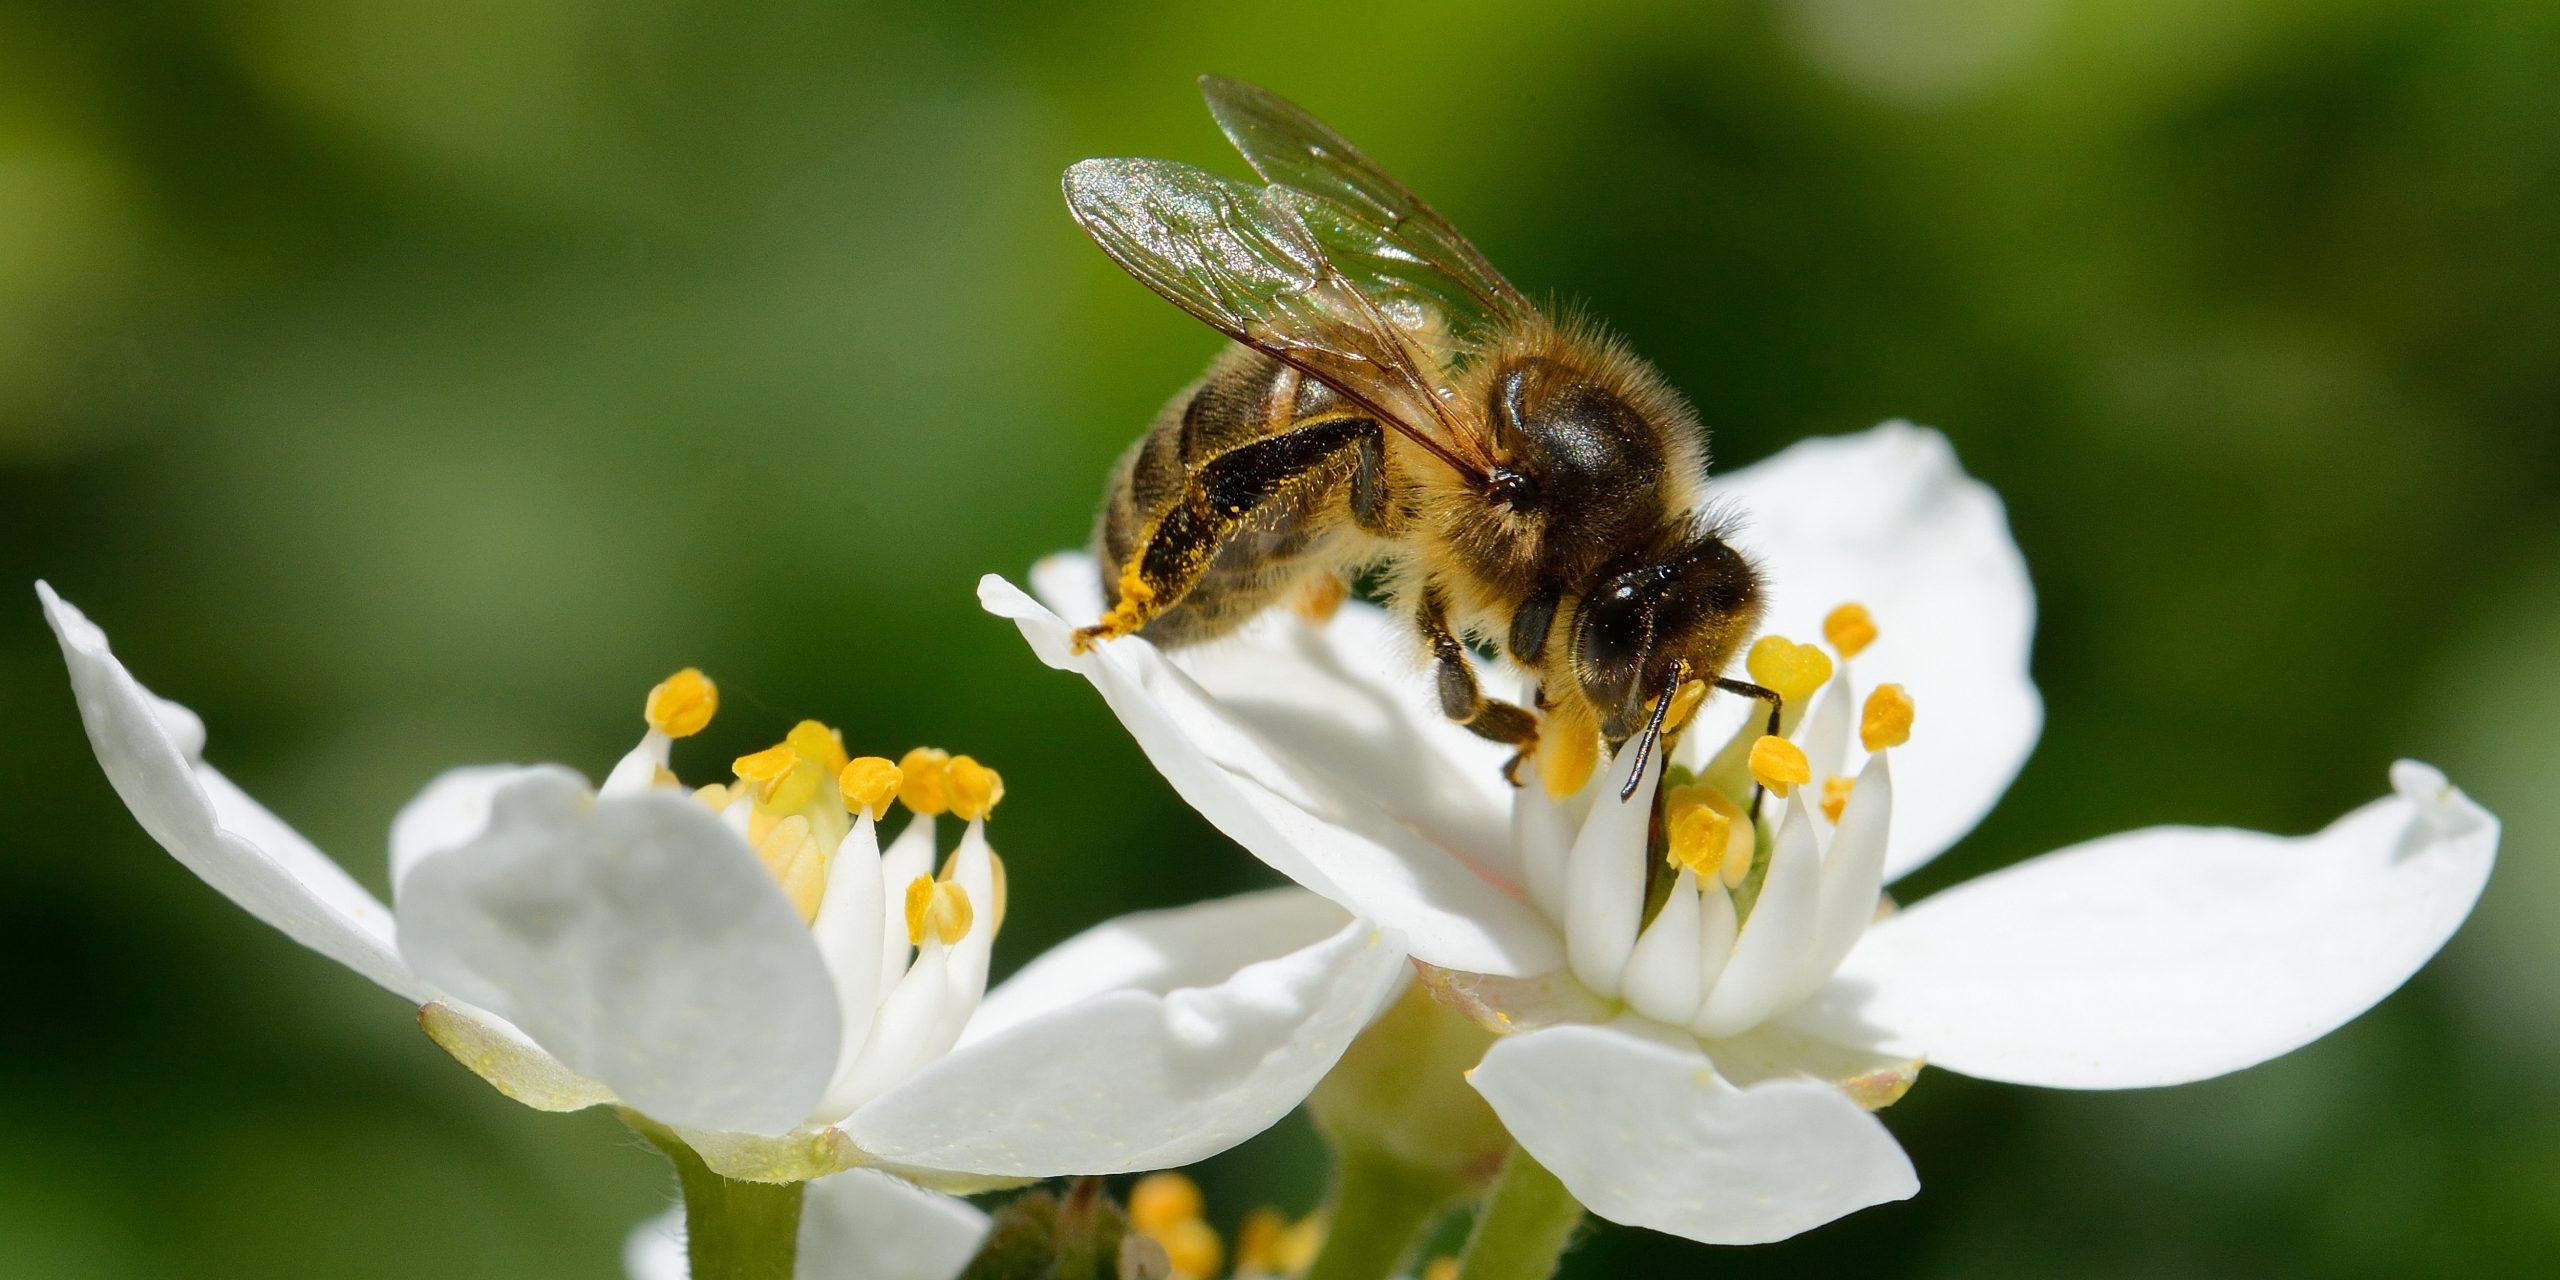 Les abeilles dans le jardin